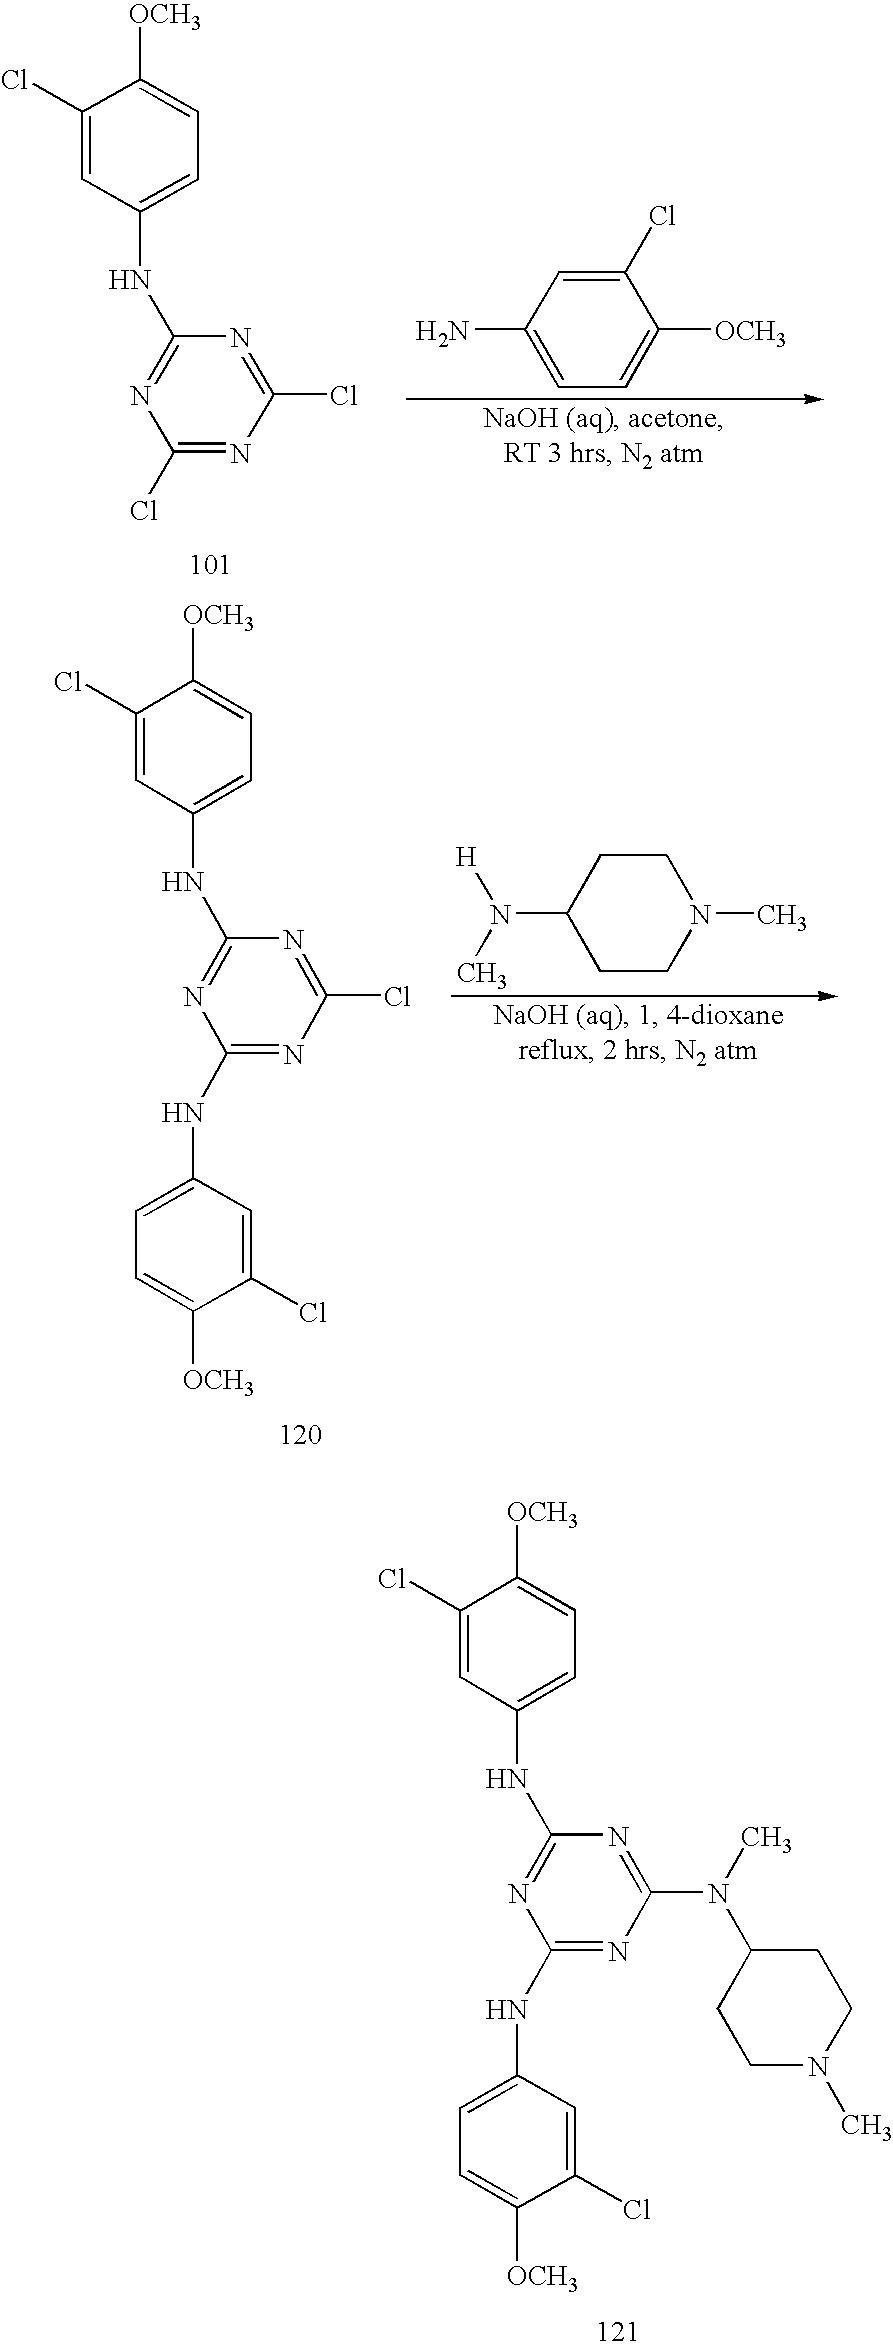 Figure US20050113341A1-20050526-C00151